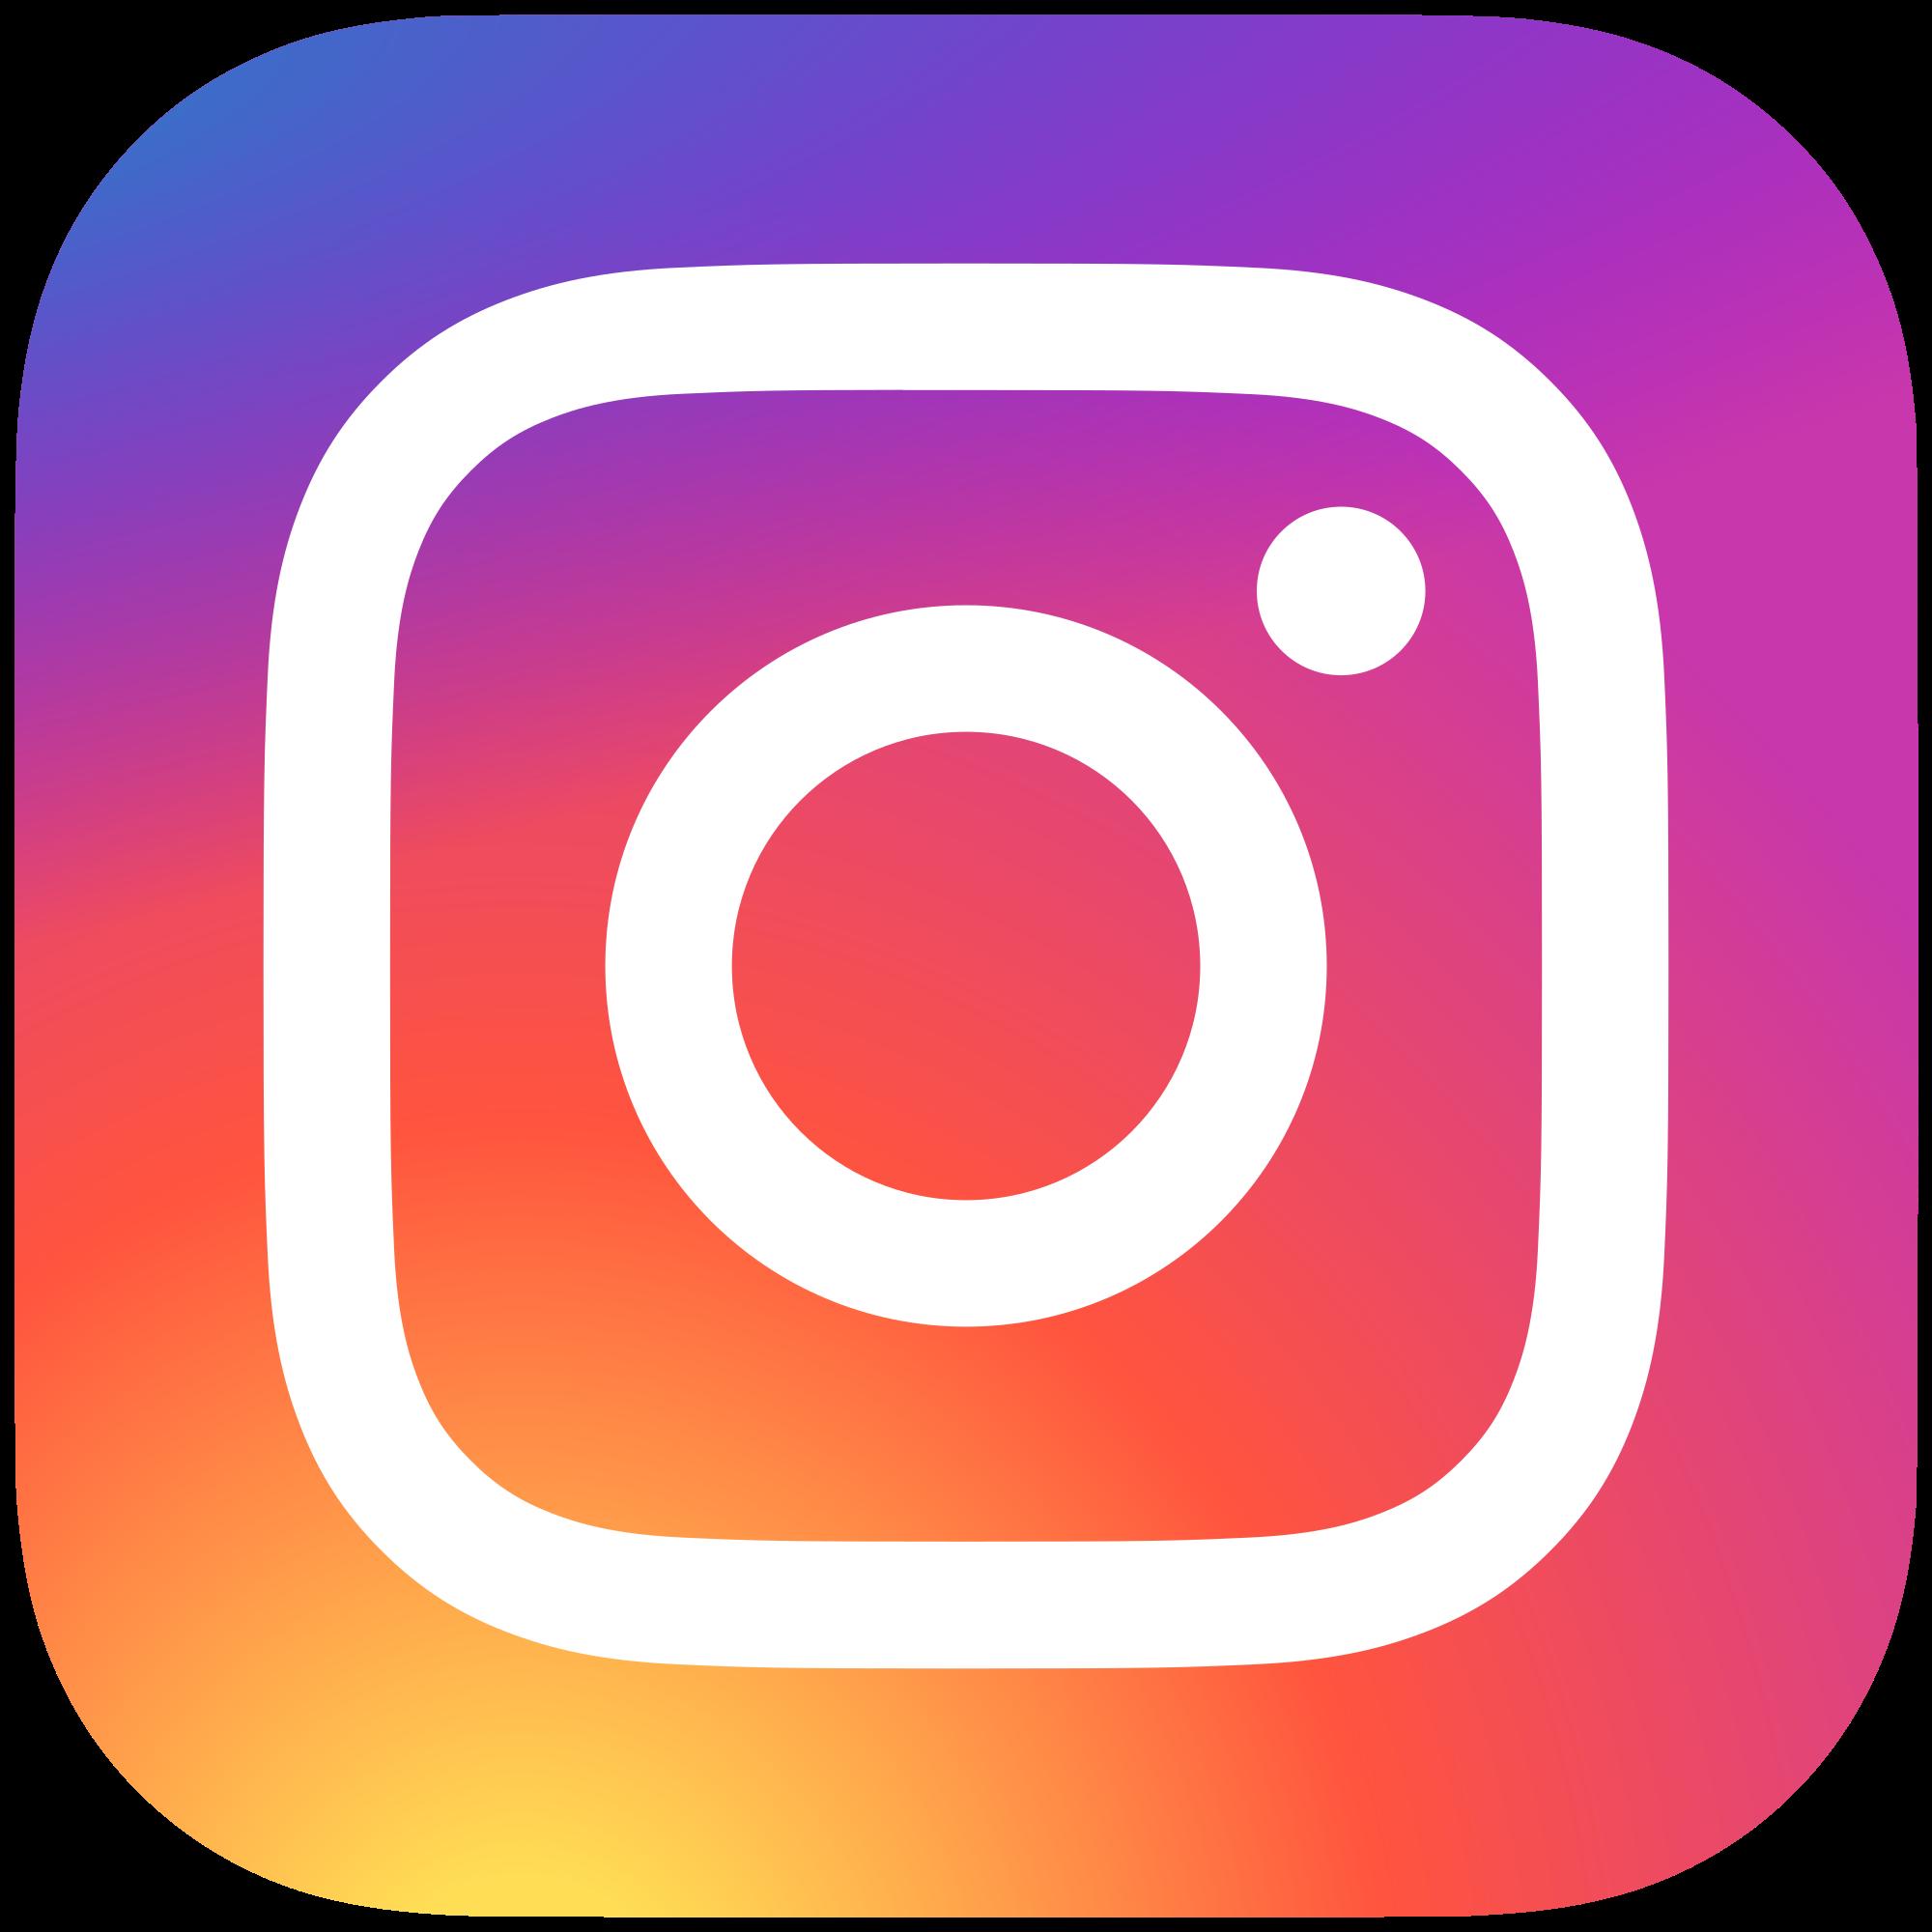 2000px-Instagram_logo_2016svgpng